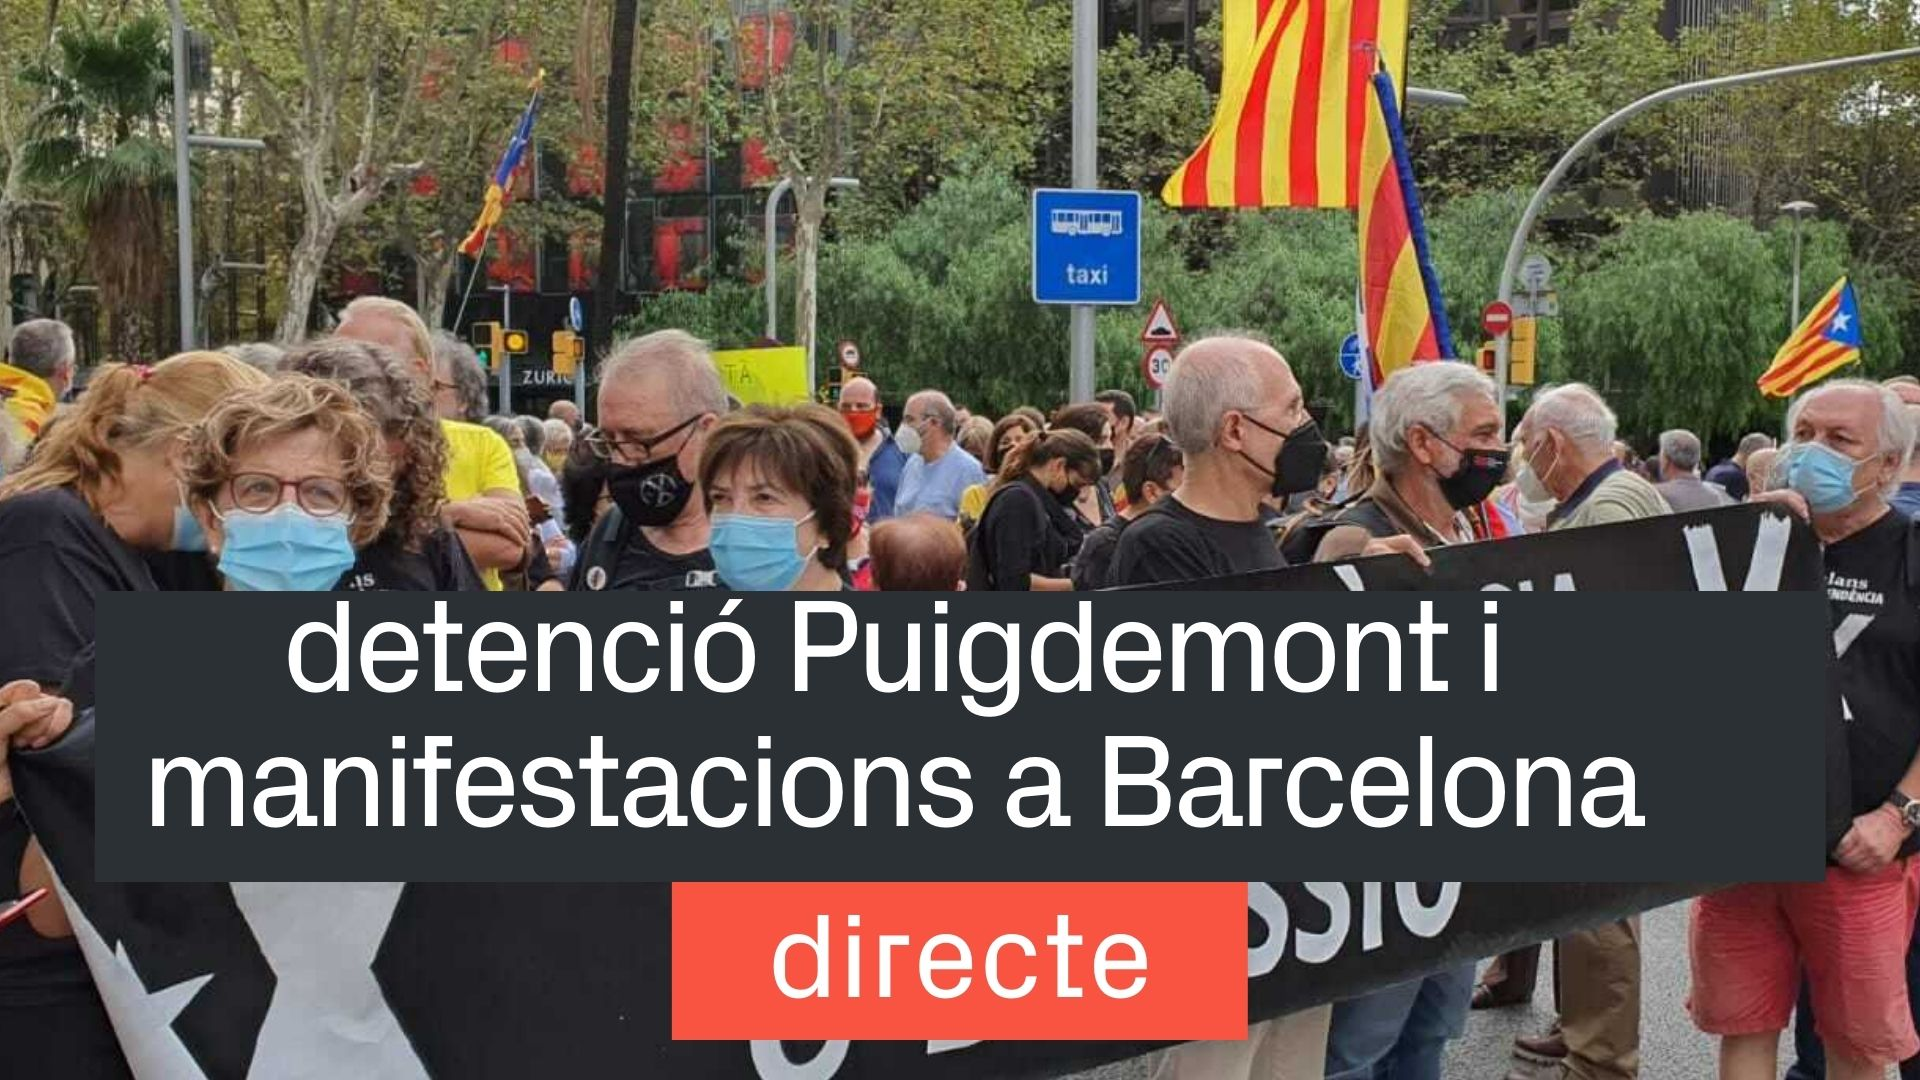 detenció Puigdemont manfiestacions Barcelona